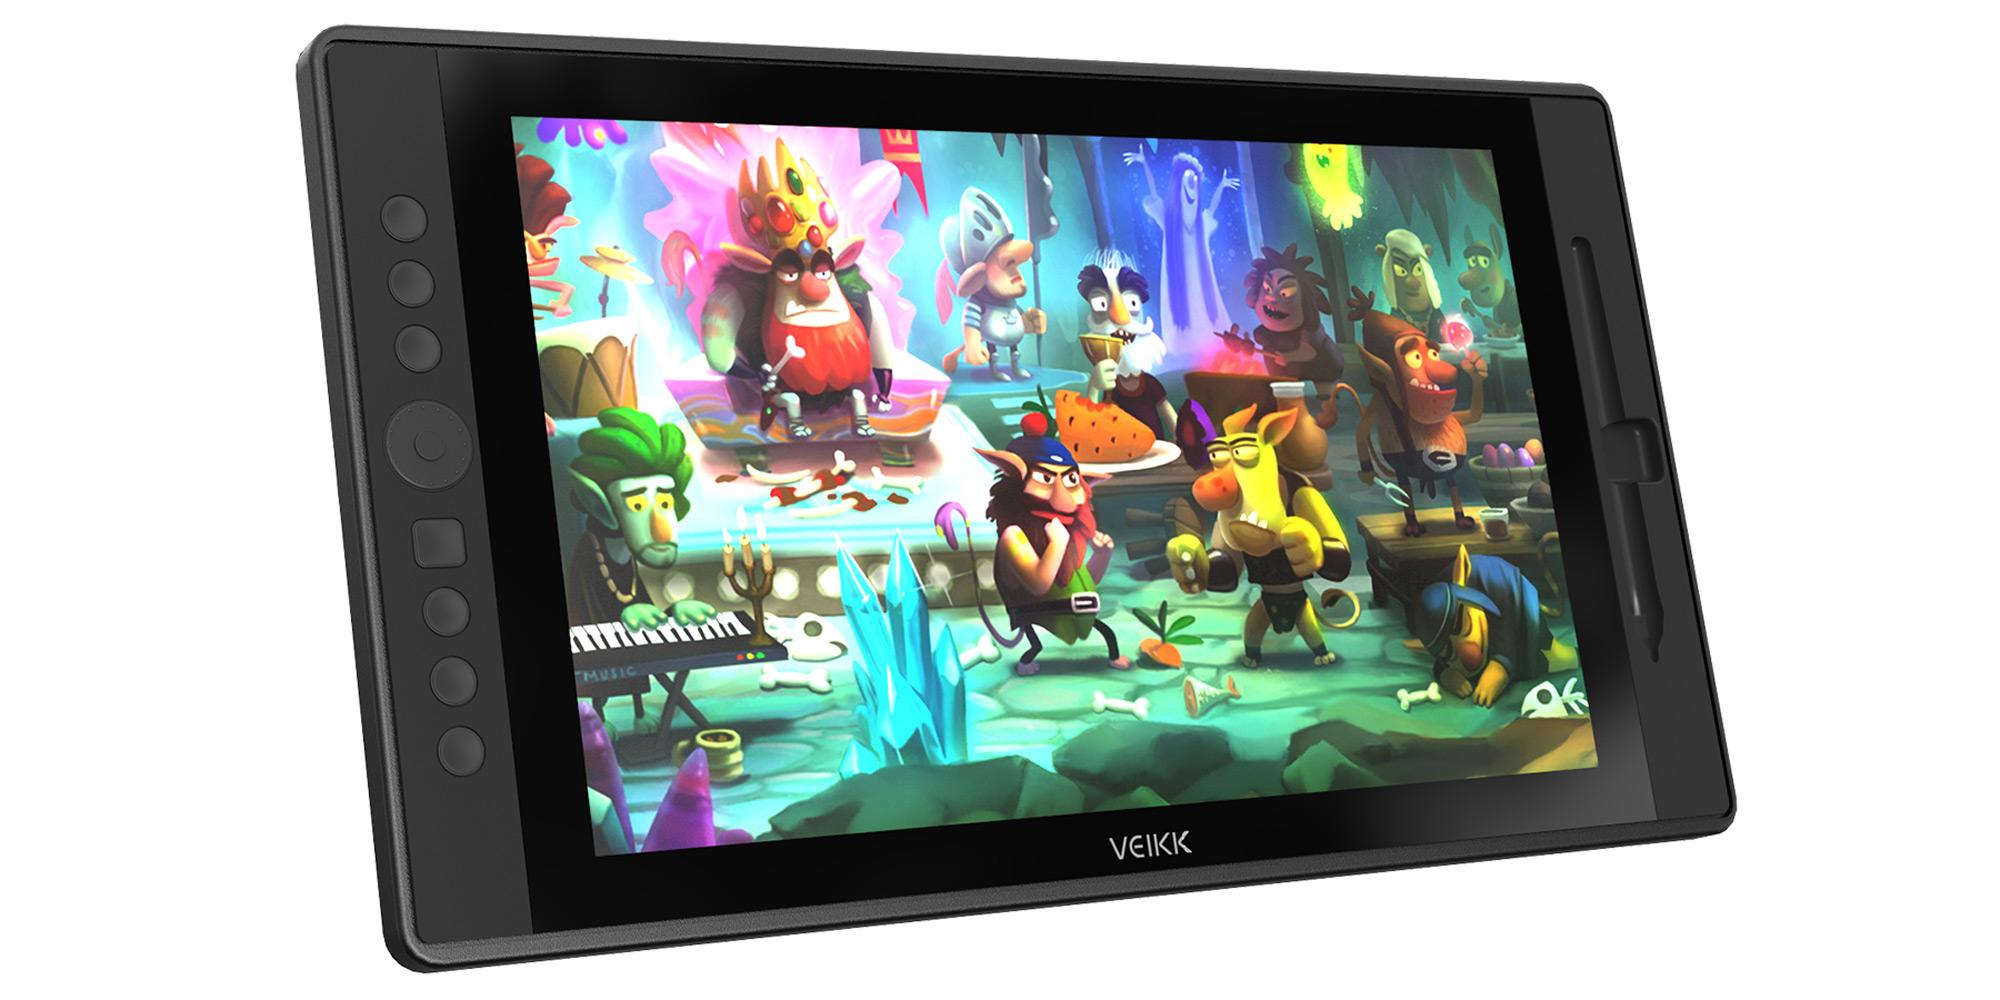 Grafika prezentująca tablet z ekranem LCD Veikk VK1560, na którym wyświetlony jest kolorowy rysunek z bajki